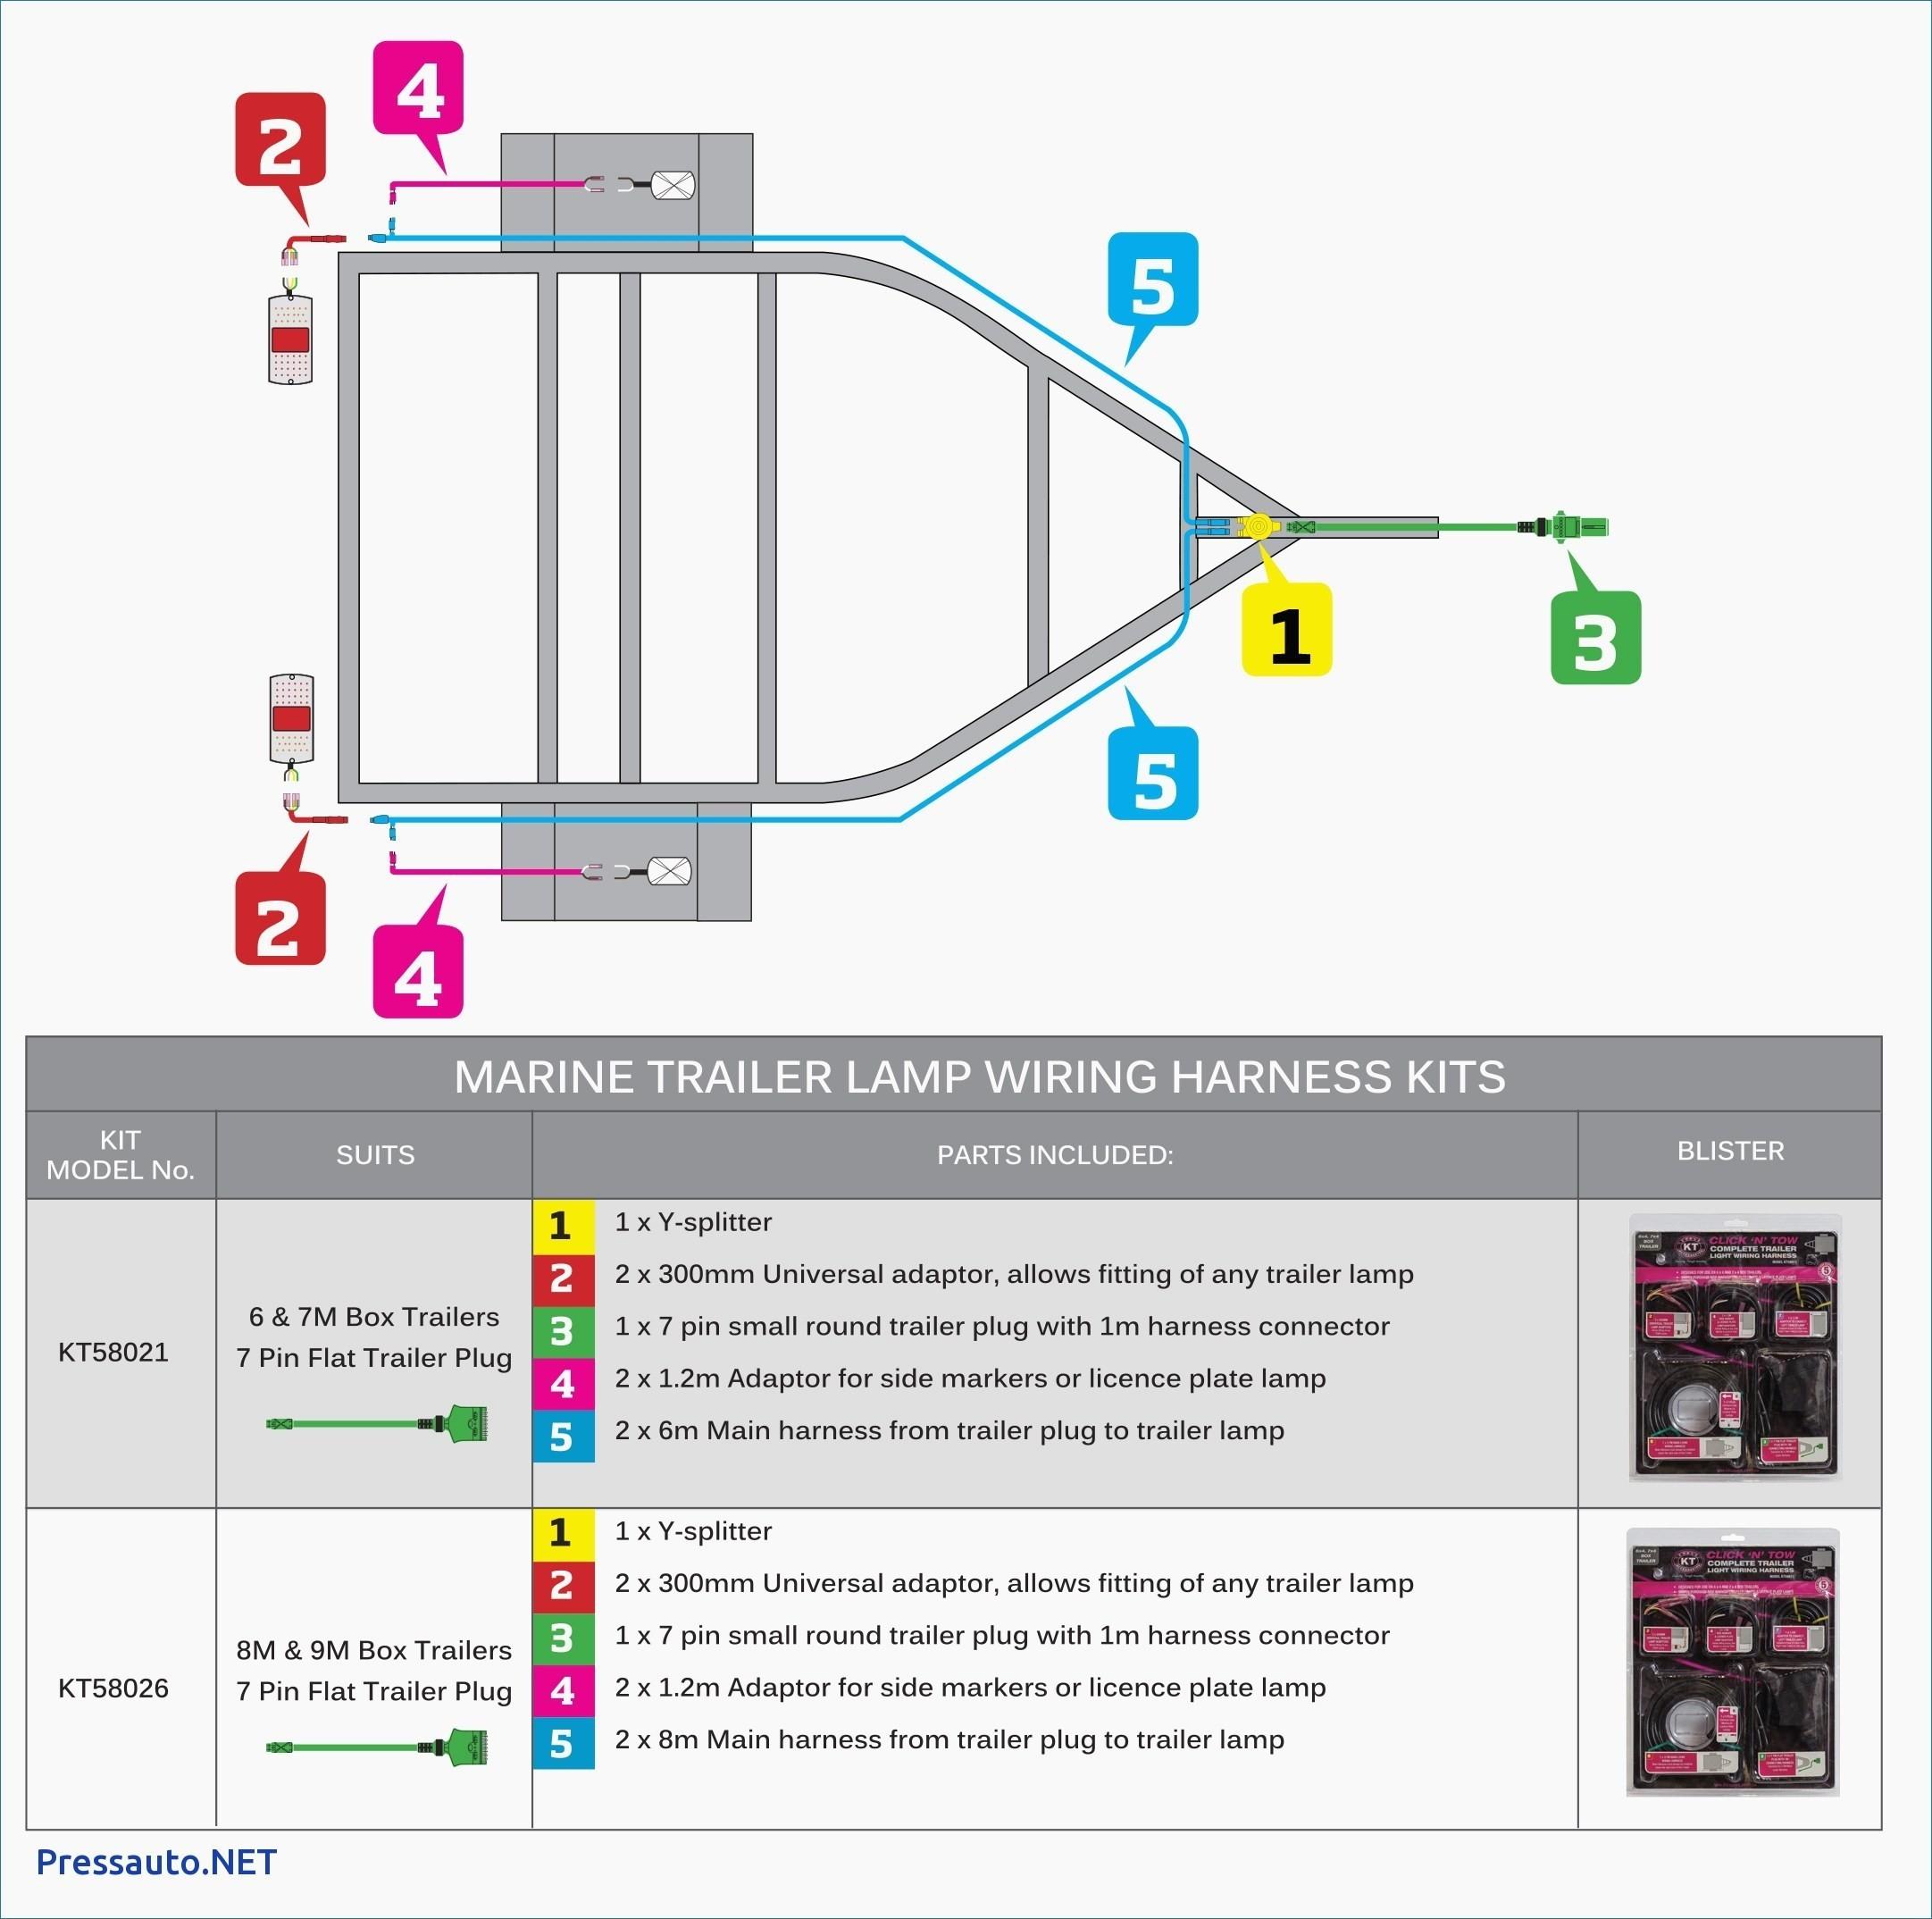 Trailer Wiring Diagram Sabs - Wiring Diagram Blog - 7 Pin Connector Wiring Diagram